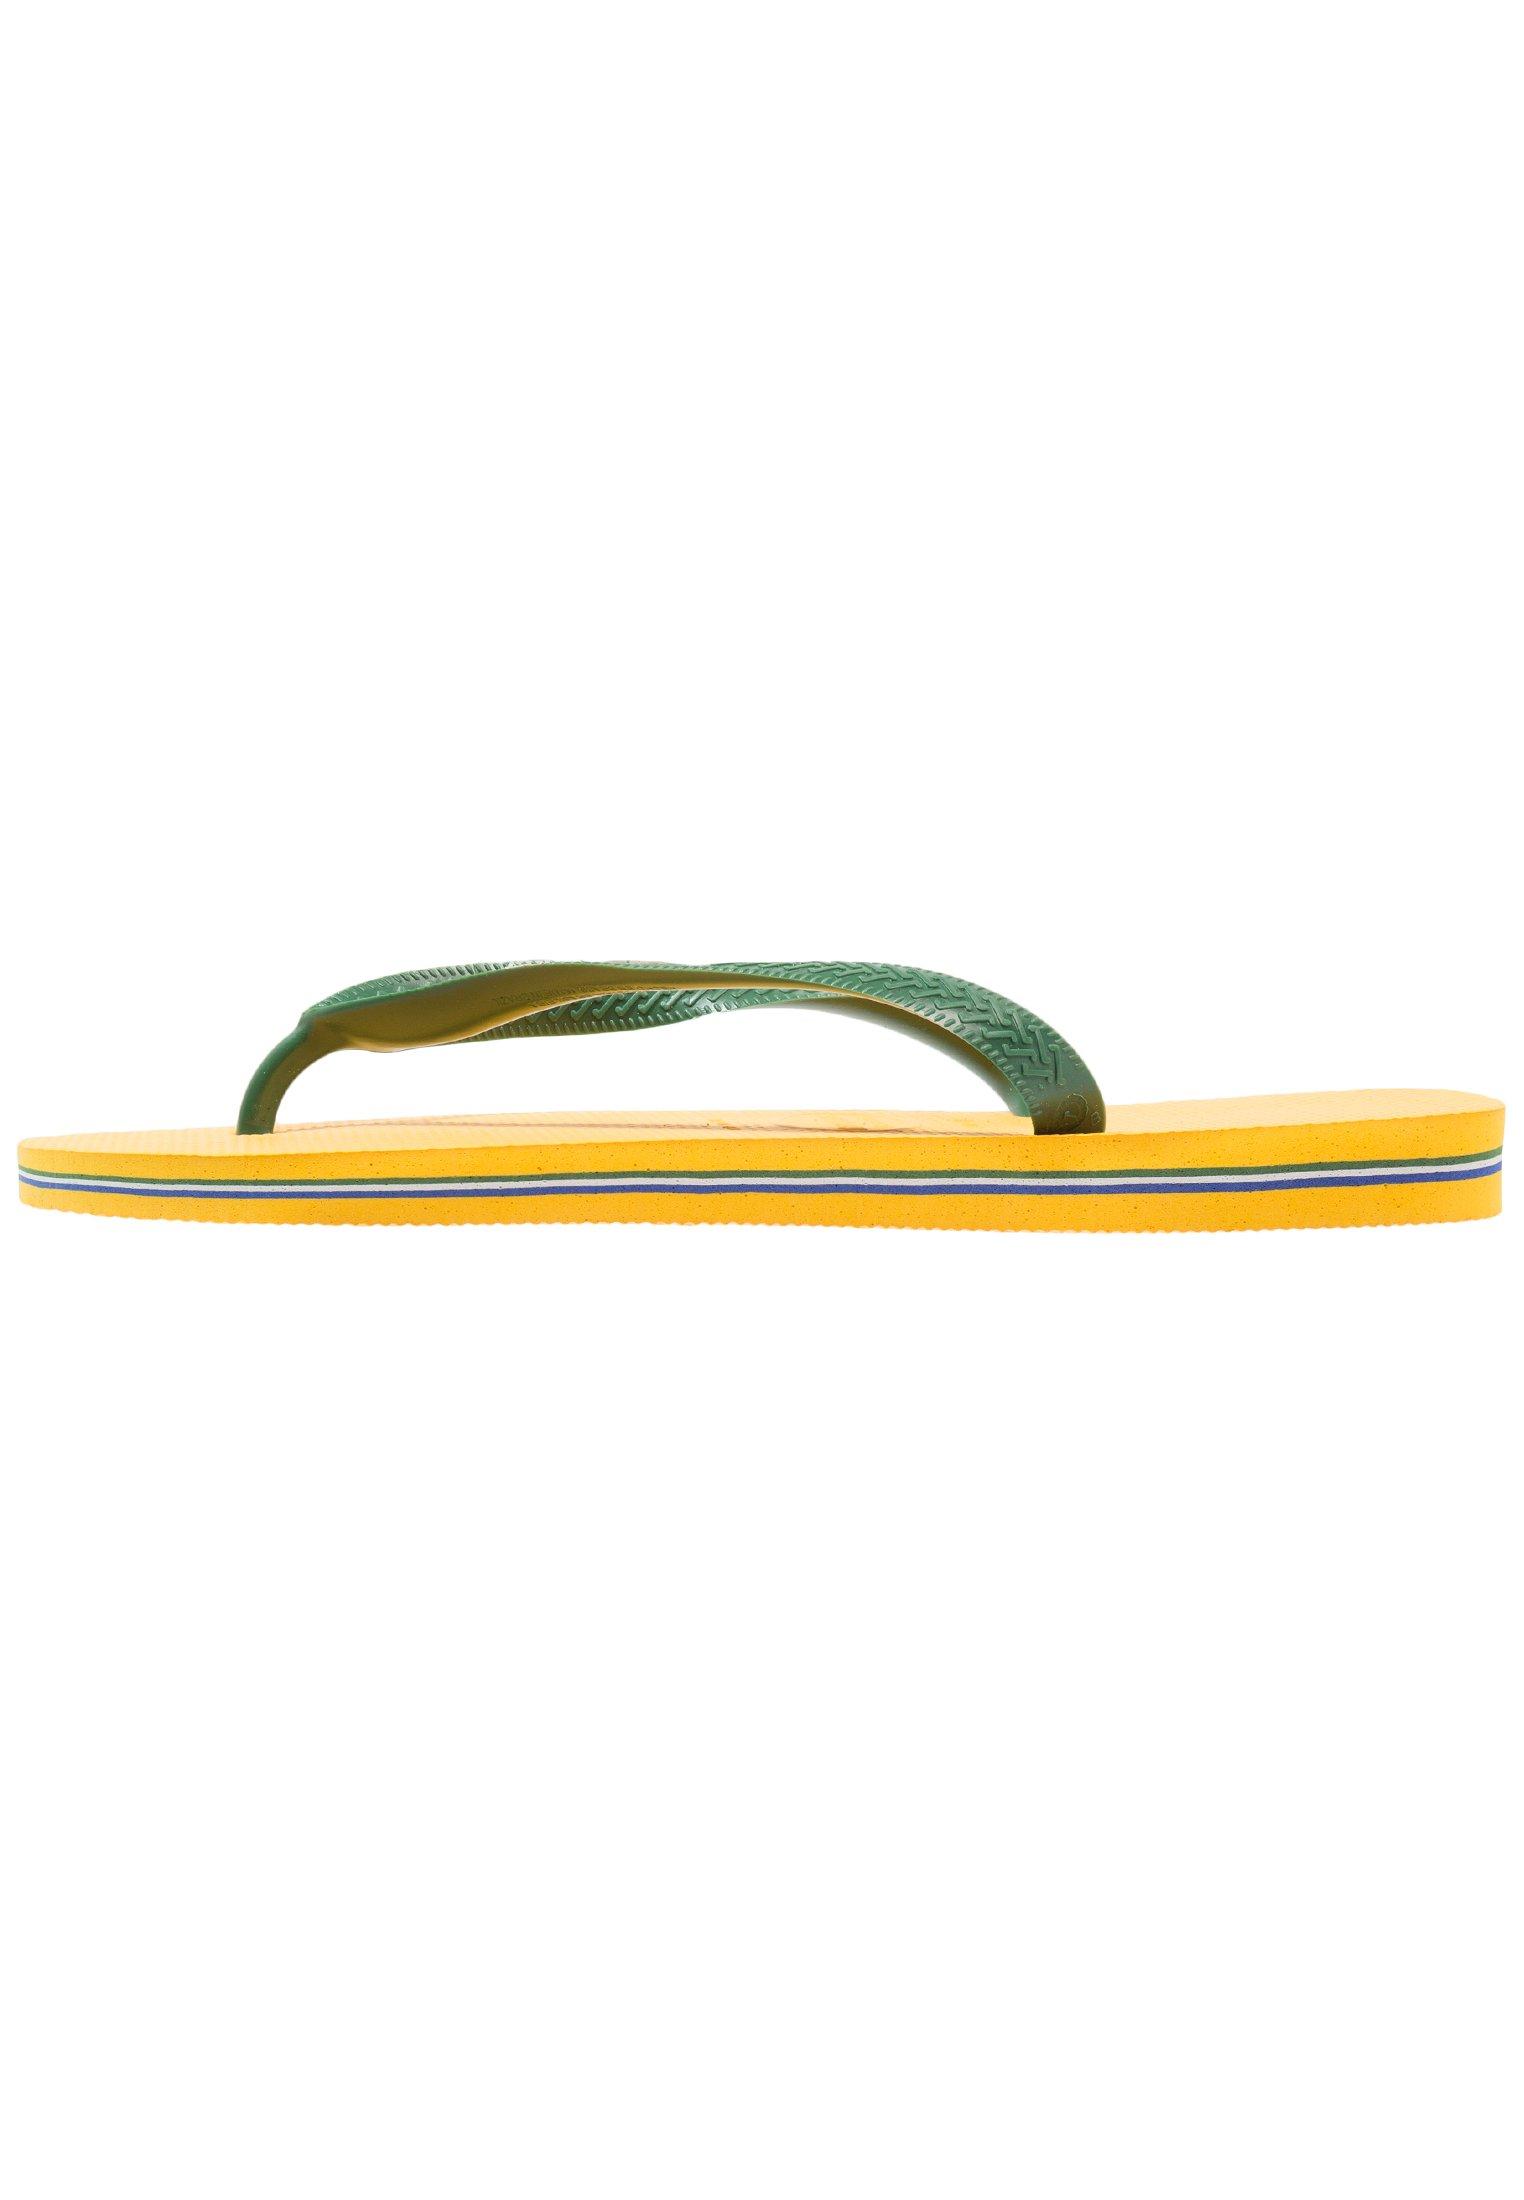 Havaianas BRASIL LOGO Badesko banana yellow Zalando.no